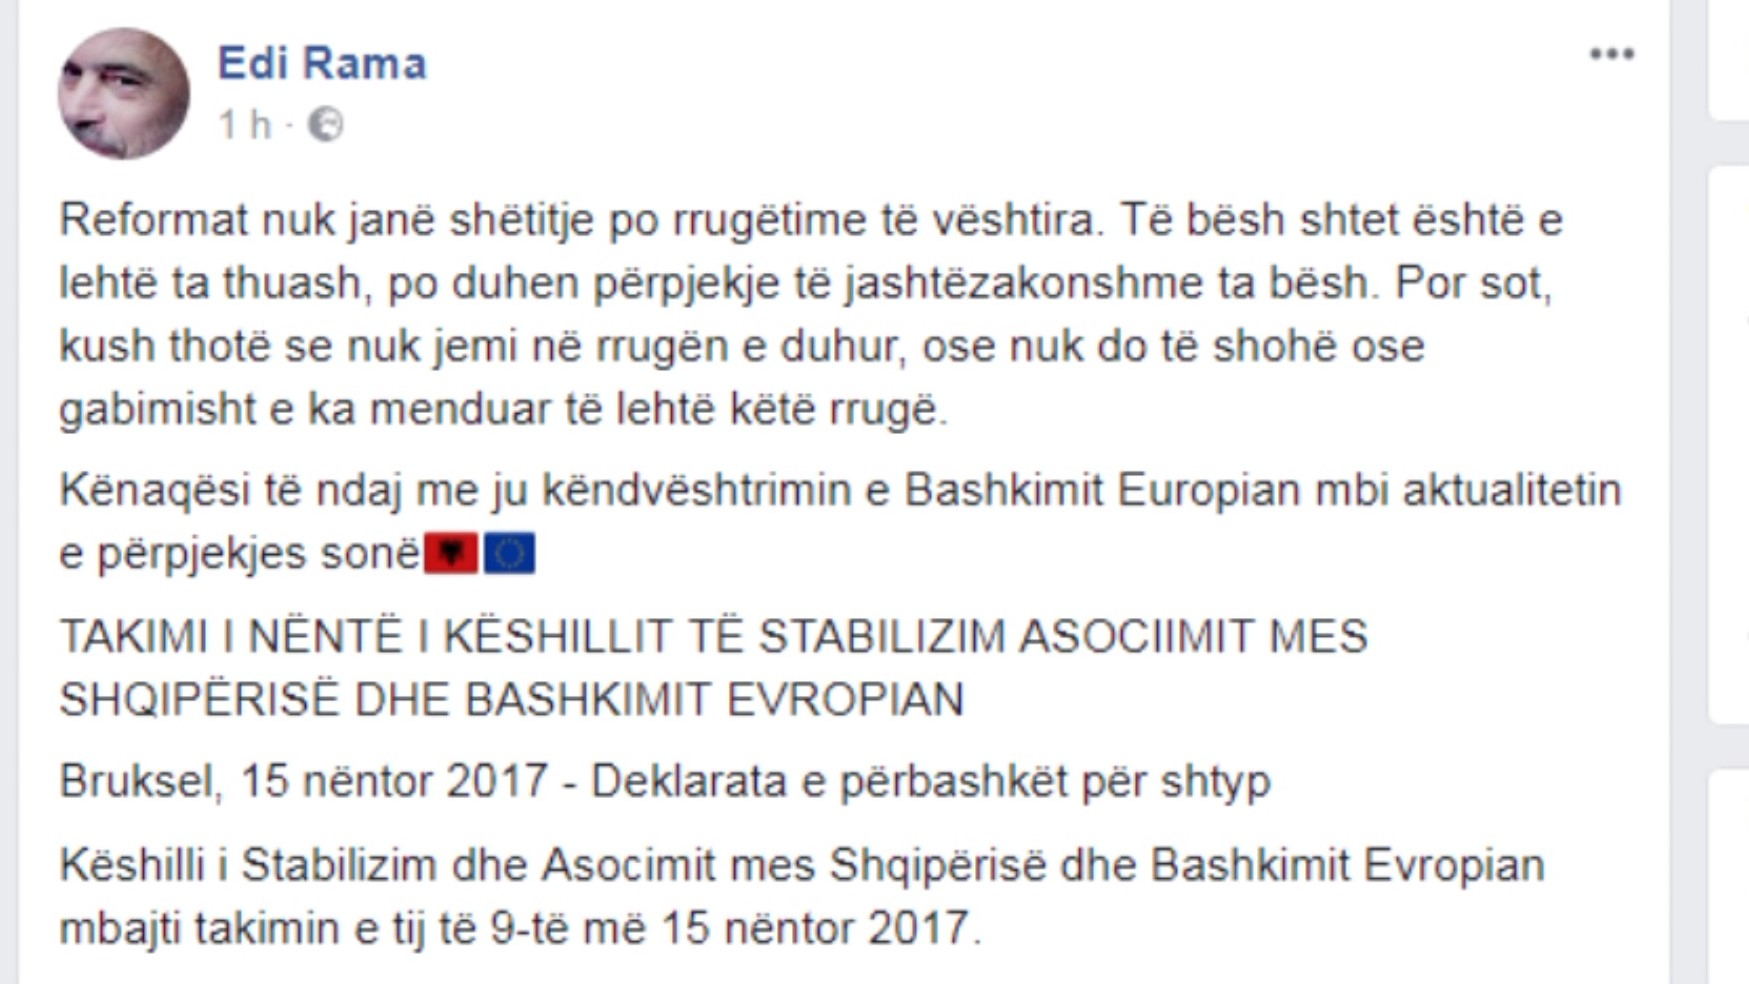 Rama për deklaratat e Këshillit të Stabilizim Asociimit